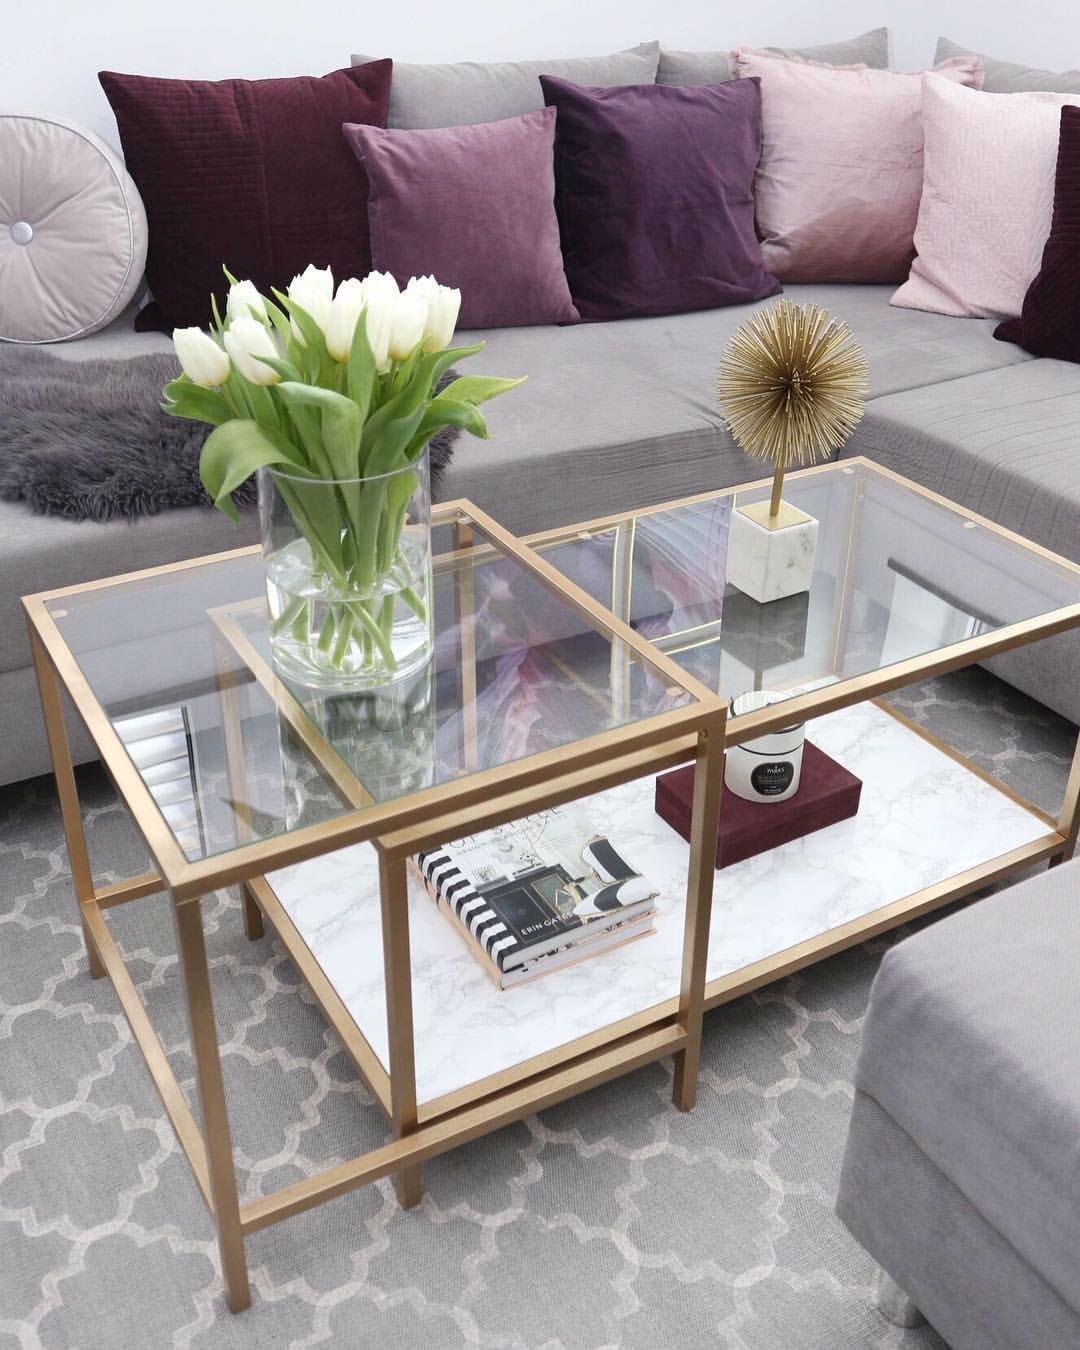 Werbung D O I T Y O U R S E L F Ihr Hubschen Hier Ist Das Ergebnis Meines Diy Projektes Ich Konn In 2020 Ikea Diy Ikea Coffee Table Home Decor Accessories [ 1350 x 1080 Pixel ]